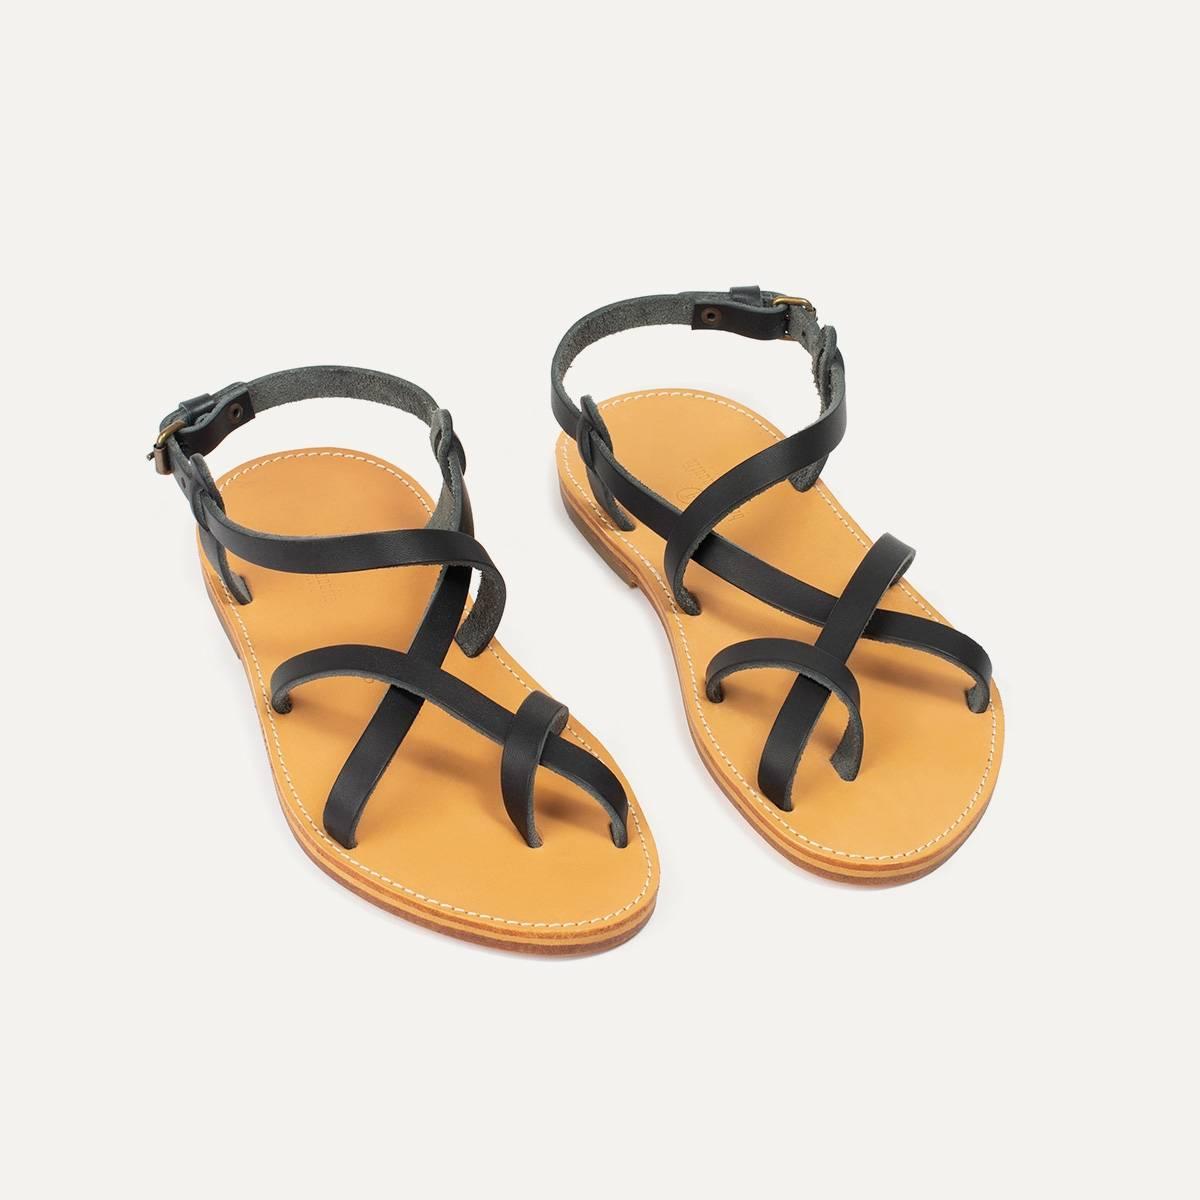 Sandales cuir Nara - Noir (image n°4)